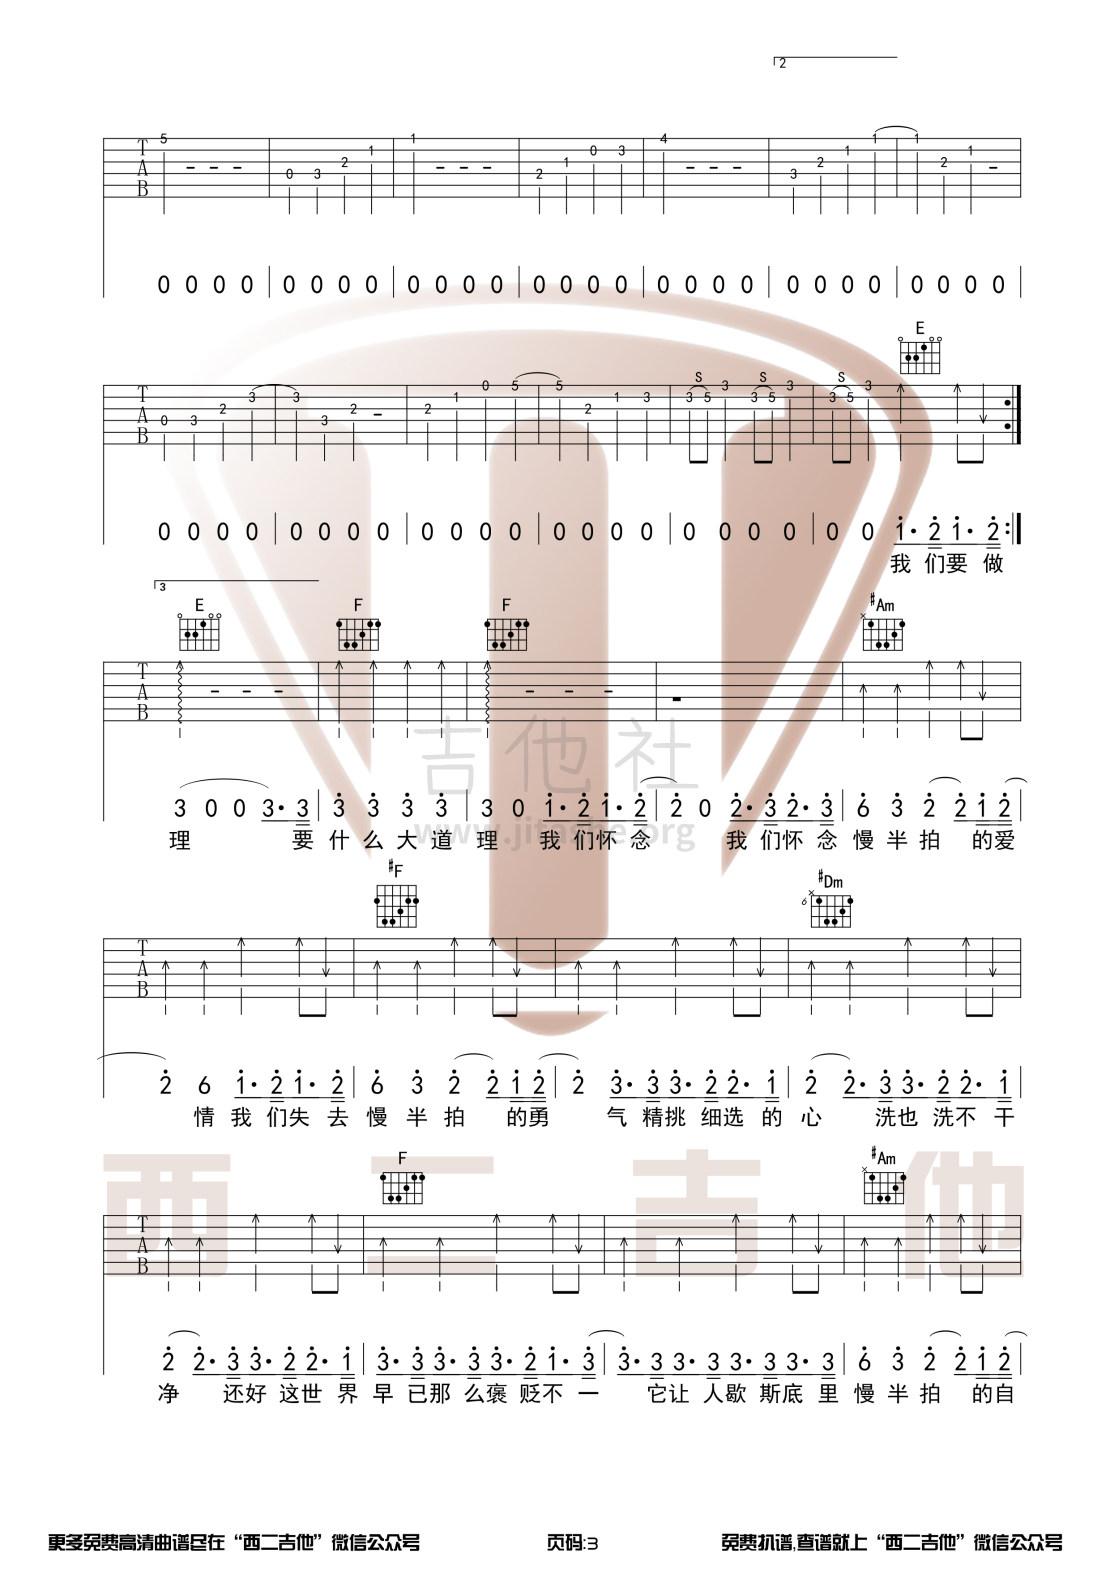 慢半拍(西二吉他)吉他谱(图片谱,弹唱,G调)_薛之谦_慢半拍3.jpg